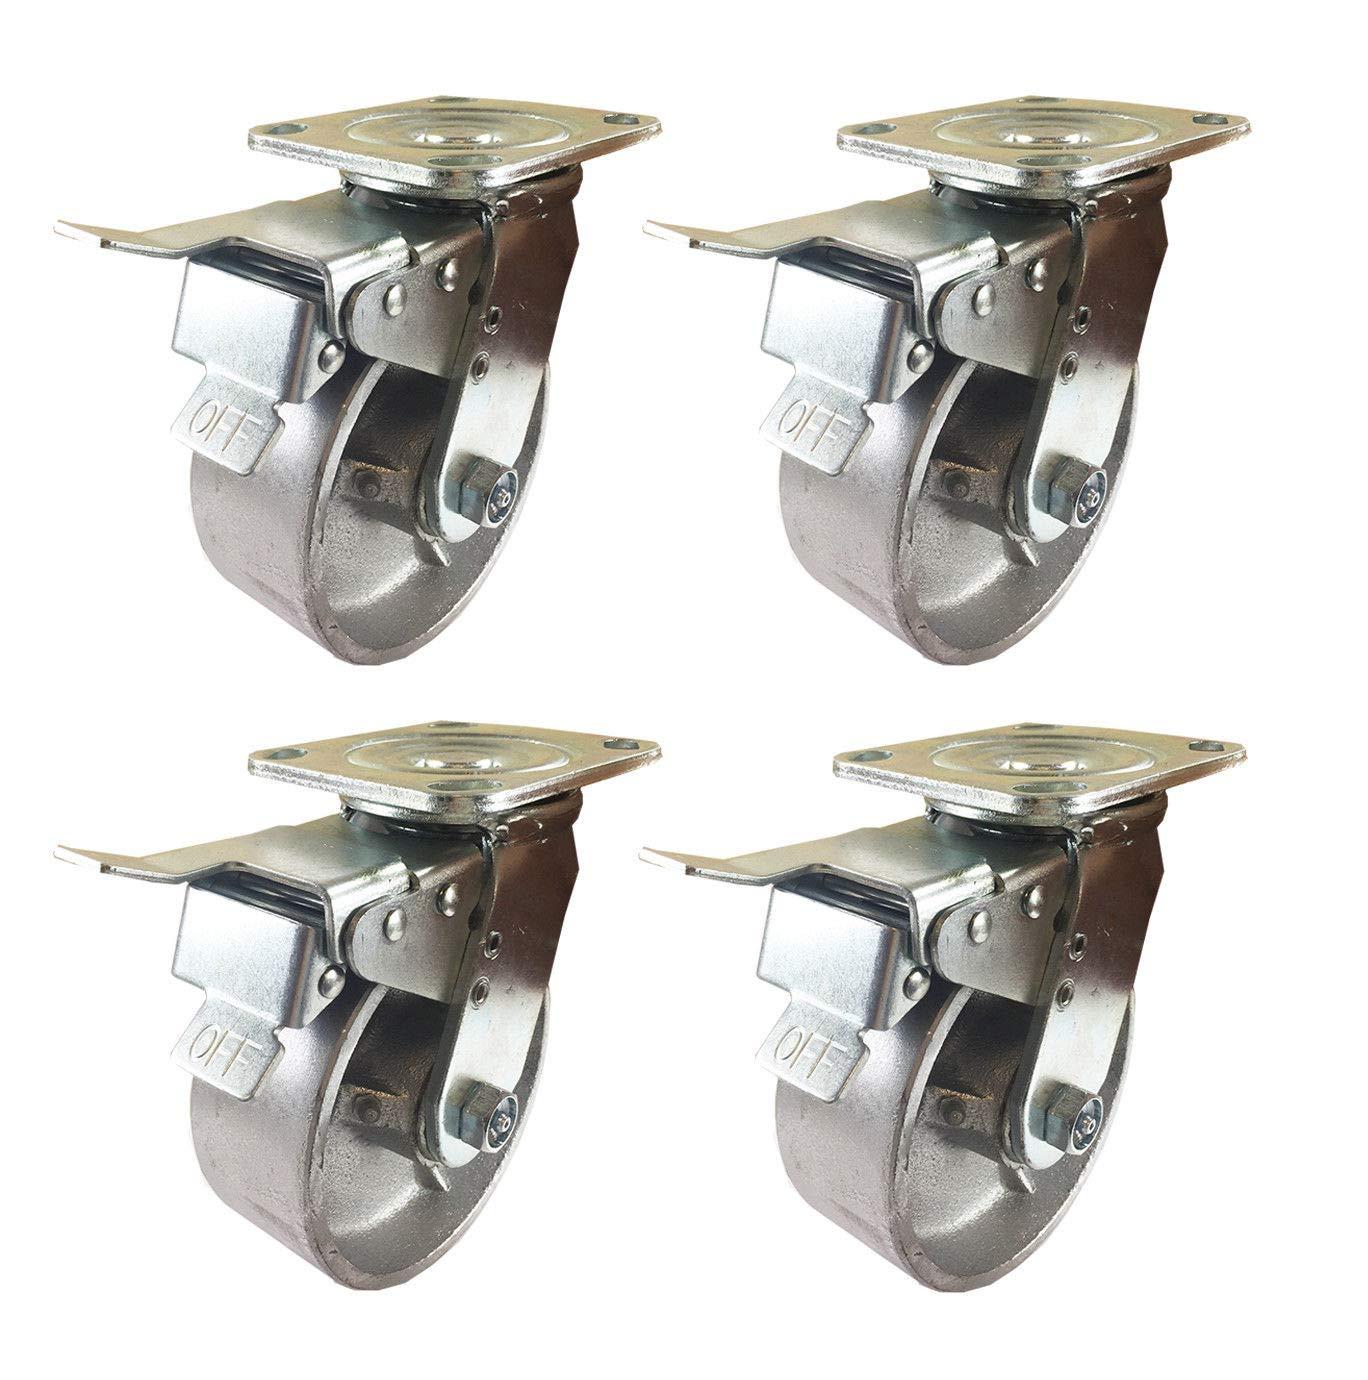 4 Heavy Duty Caster Set 5'' 6'' 8'' All Steel Wheels Rigid & Total Lock Brake (5'': 4STL)